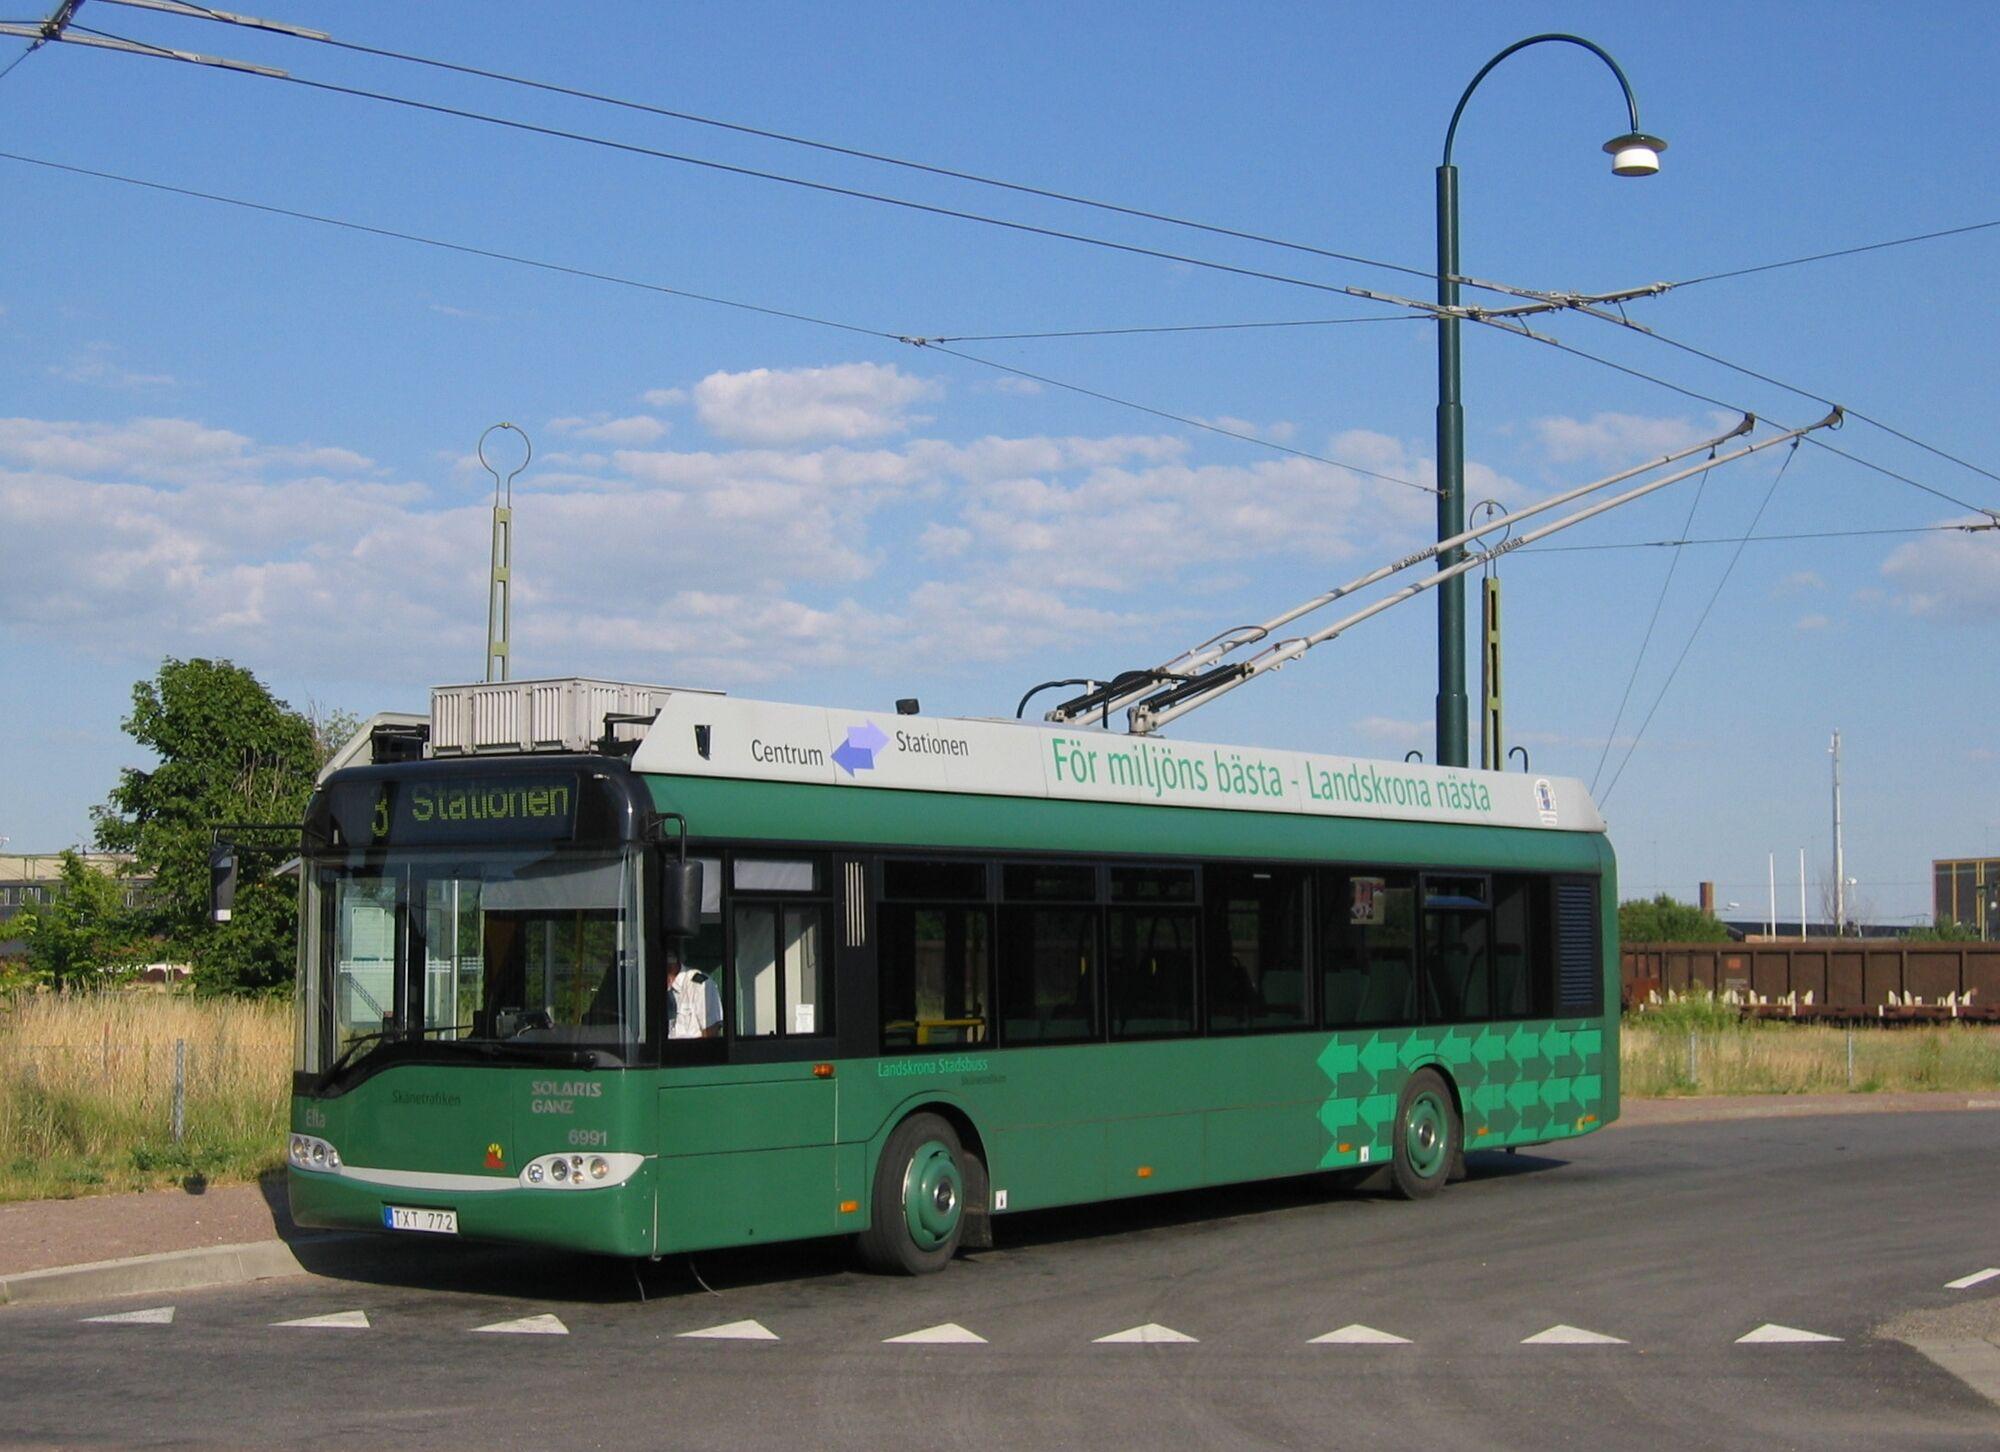 Trolleybus Tractor Construction Plant Wiki Fandom Powered By Wikia Scania Irizar Wiring Diagram